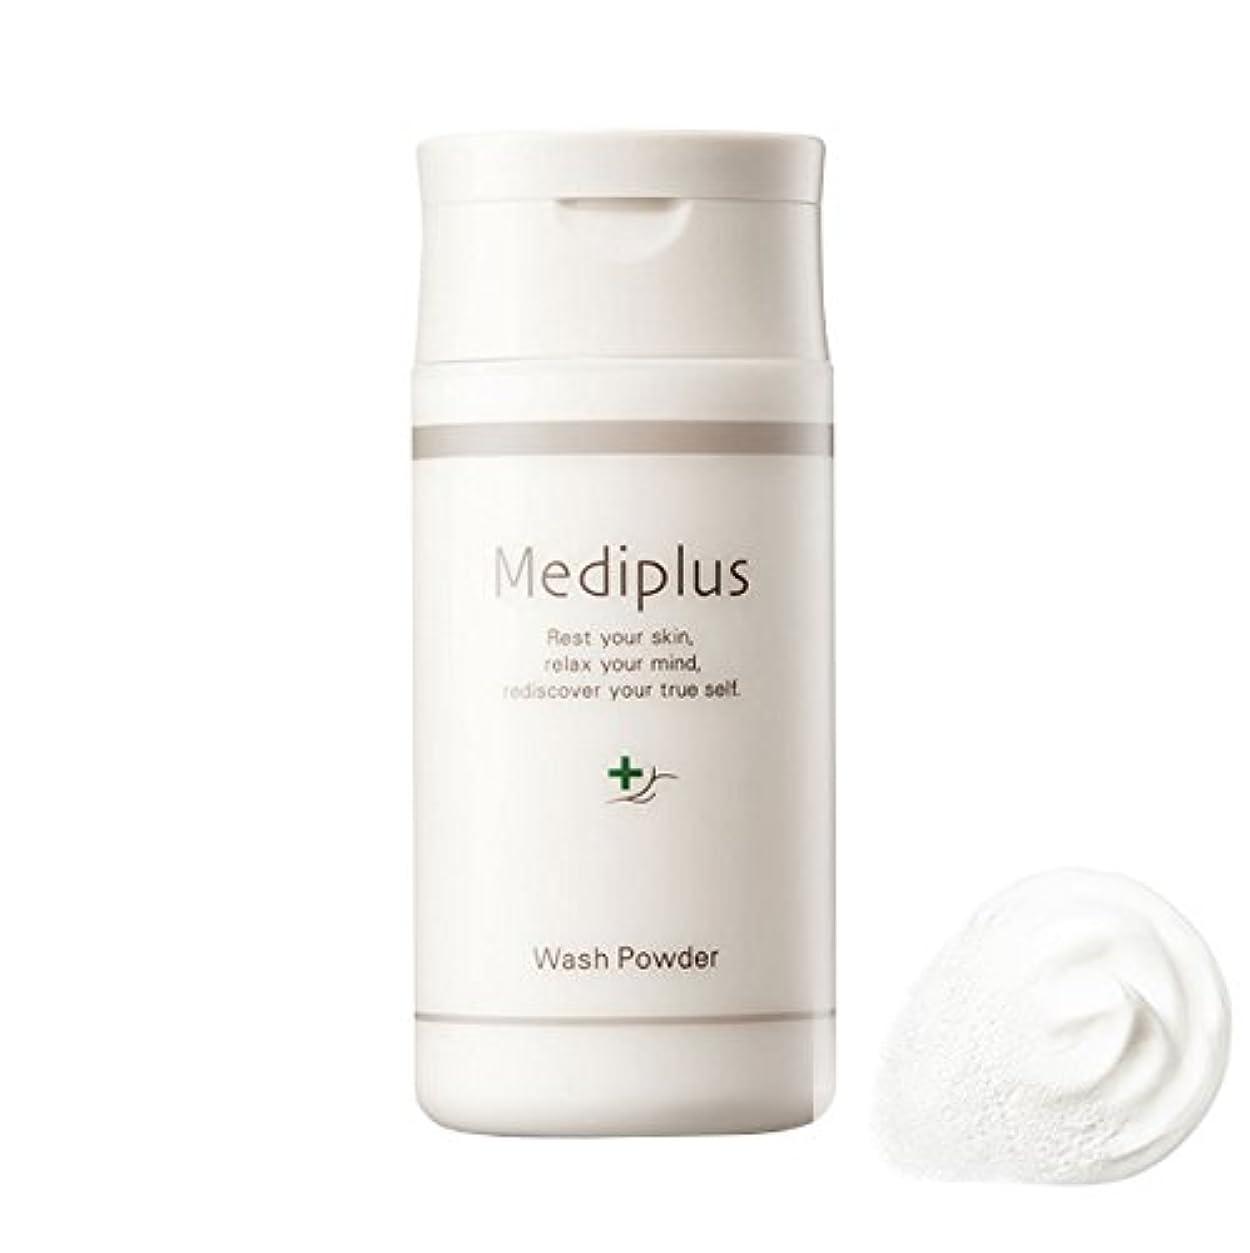 フォアマン味方お別れmediplus メディプラス 酵素洗顔料 ウォッシュパウダー 60g 約2ヶ月分